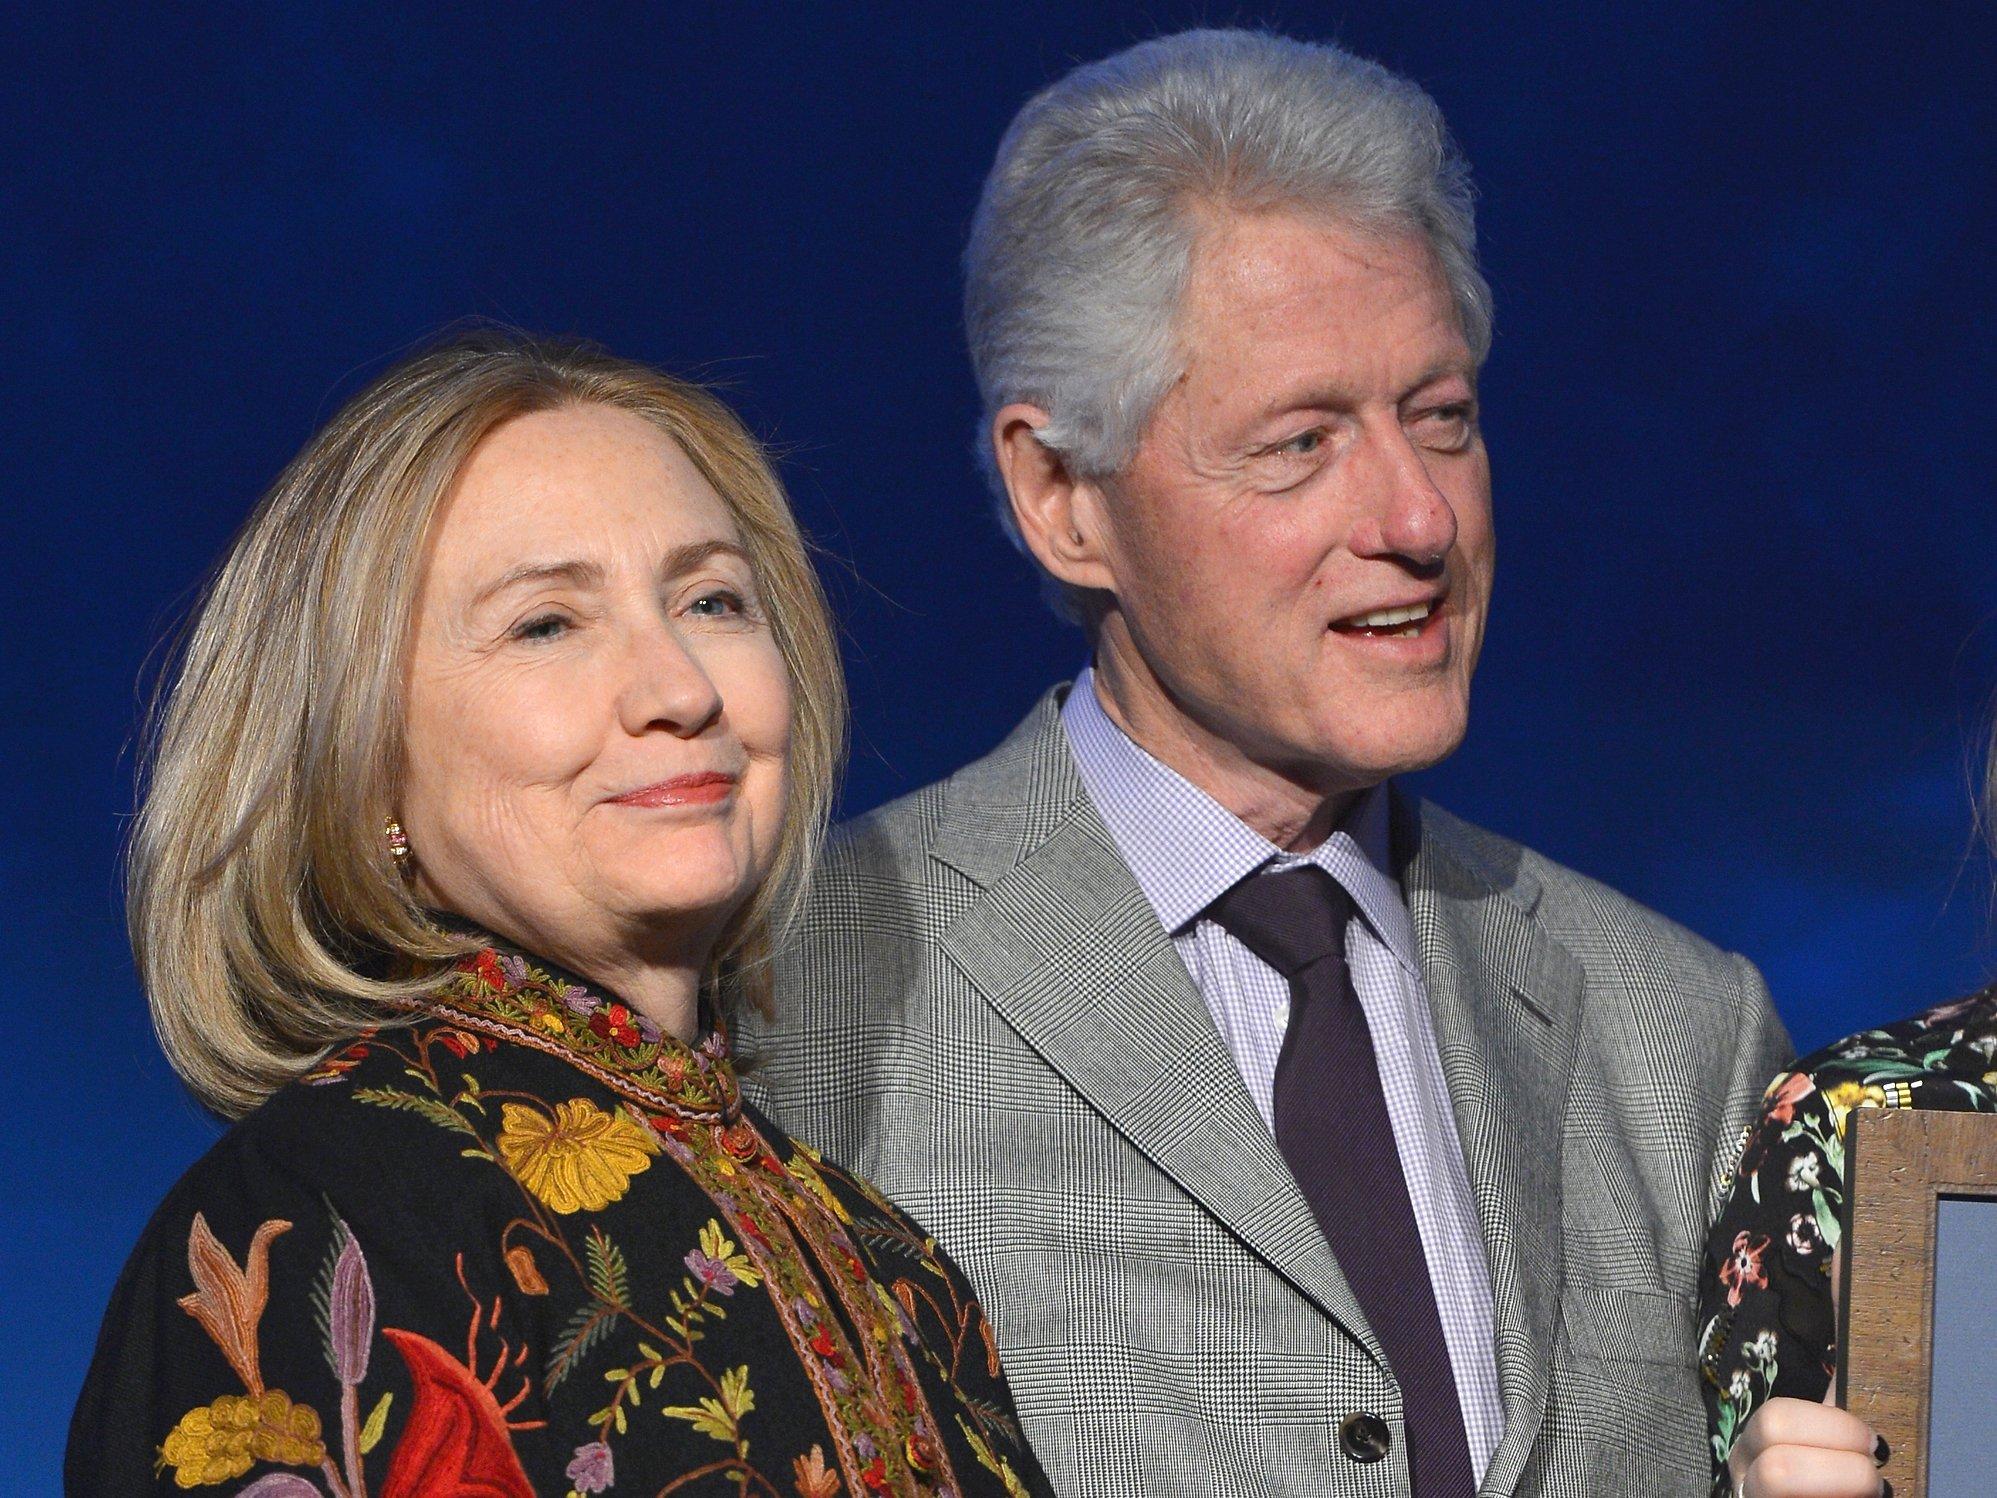 El matrimonio Clinton se ha embolsado en apenas un año 25 millones de dólares por soltar discursos